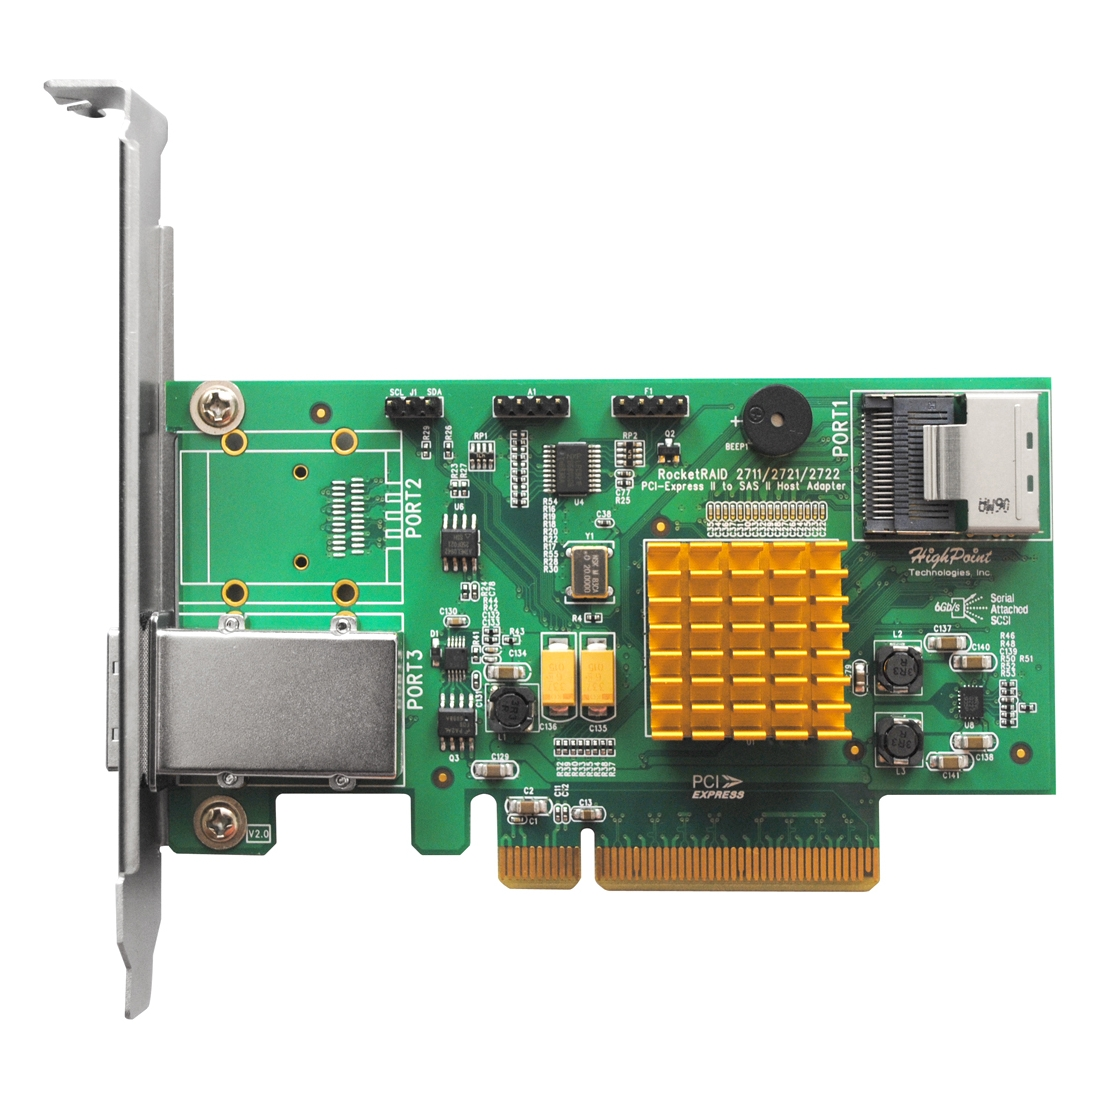 Highpoint Rocketraid 2721 Sas Raid Controller - Serial Ata/600, Serial Attached Scsi - Pci Express 2.0 X8 - Plug-in Card 0, 1, 5, 10, 50, Jbod Raid Level (rocketraid2721)